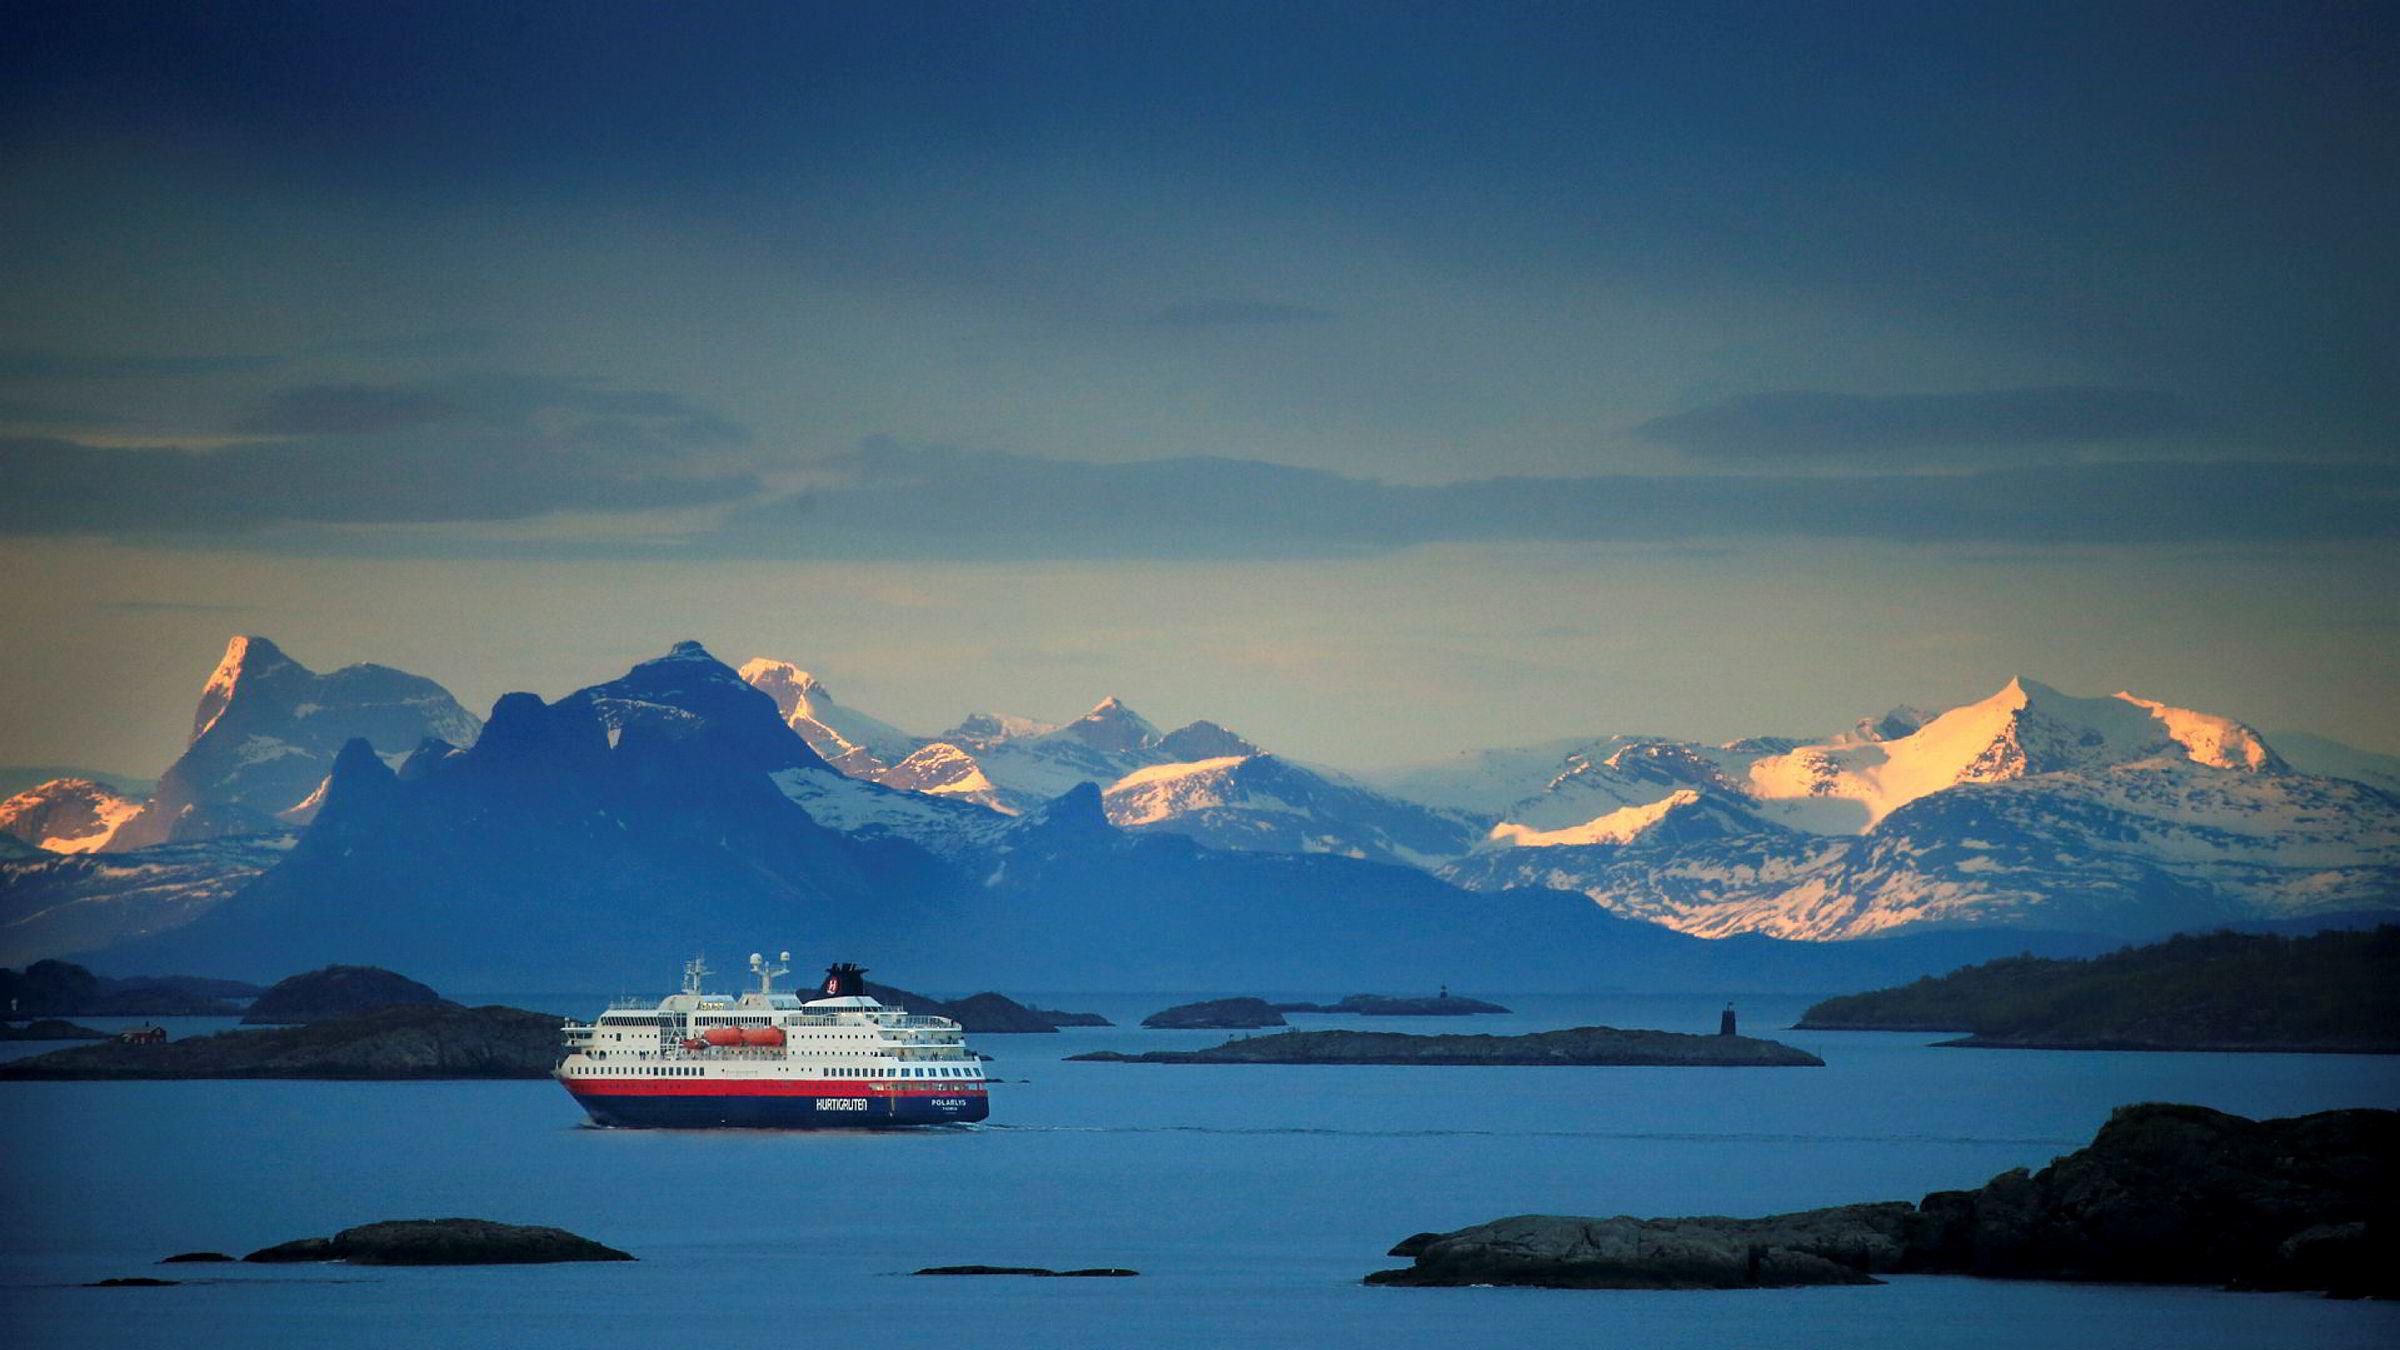 SV og Arbeiderpartiet har fremmet forslag om å utsette eller å trekke den pågående anbudsrunden om å drive hurtigrutestrekningen Bergen-Kirkenes. Her forlater Hurtigruten Svolvær.